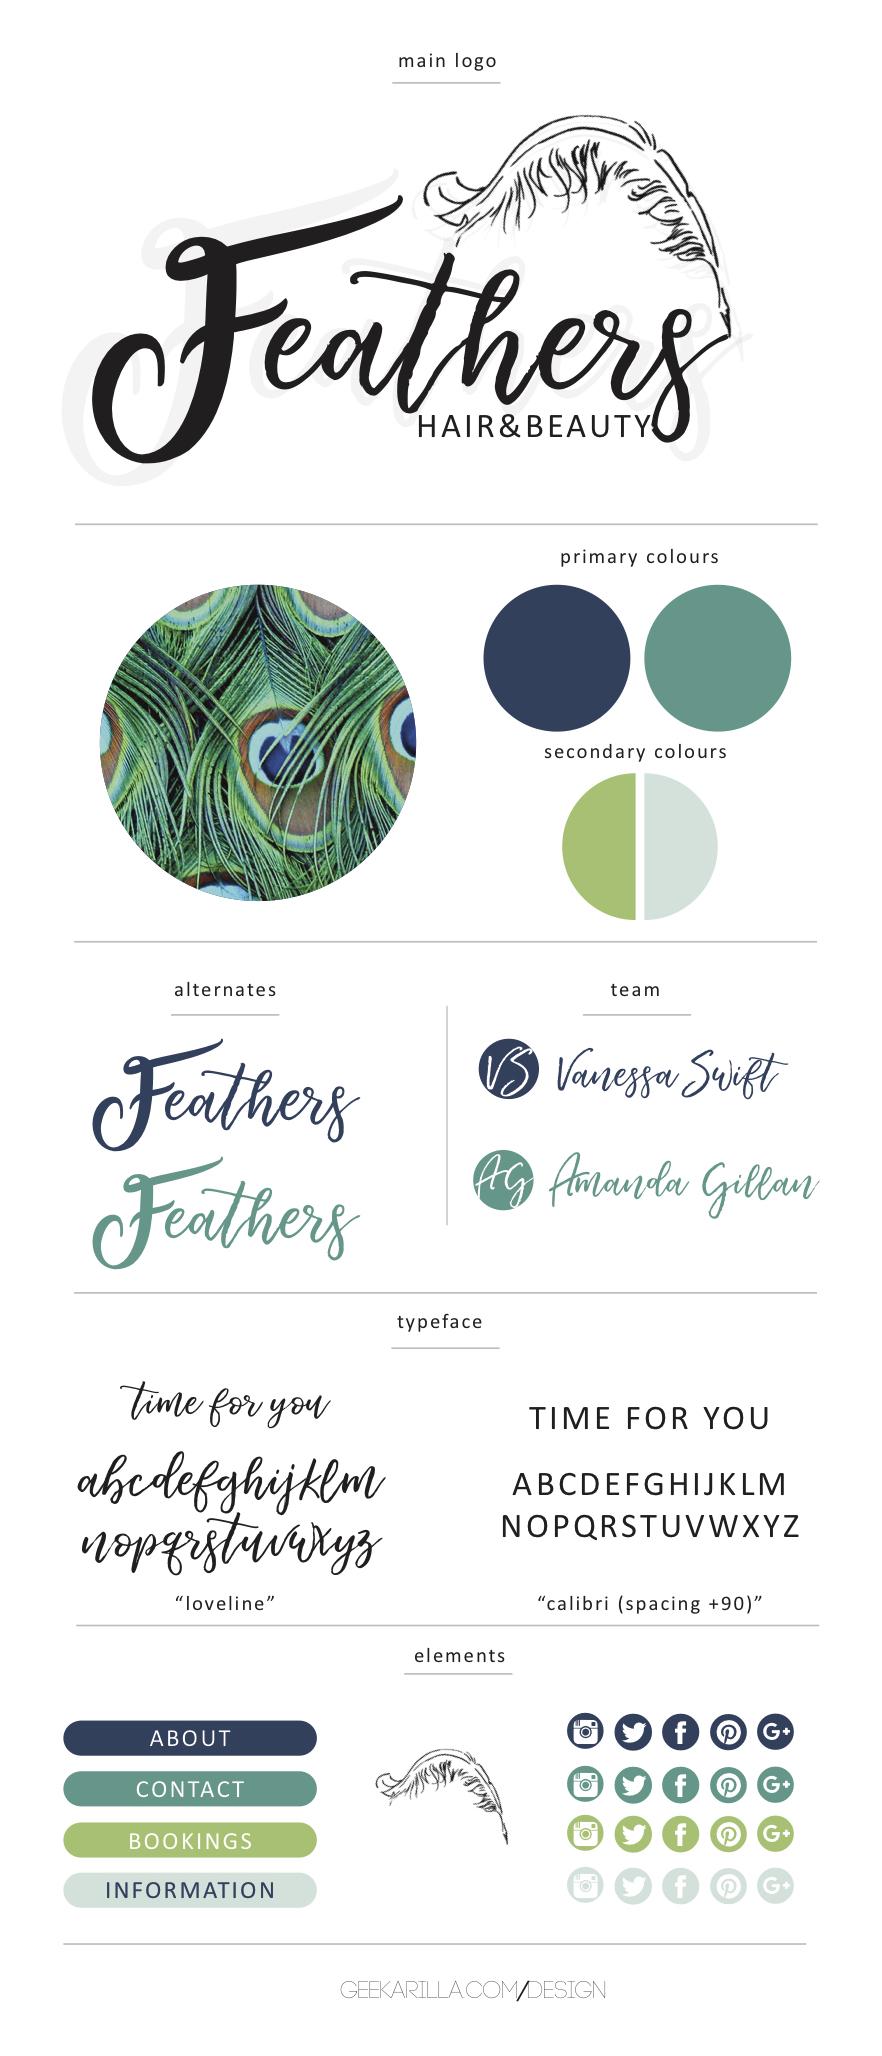 Feathers-brand-board.jpg